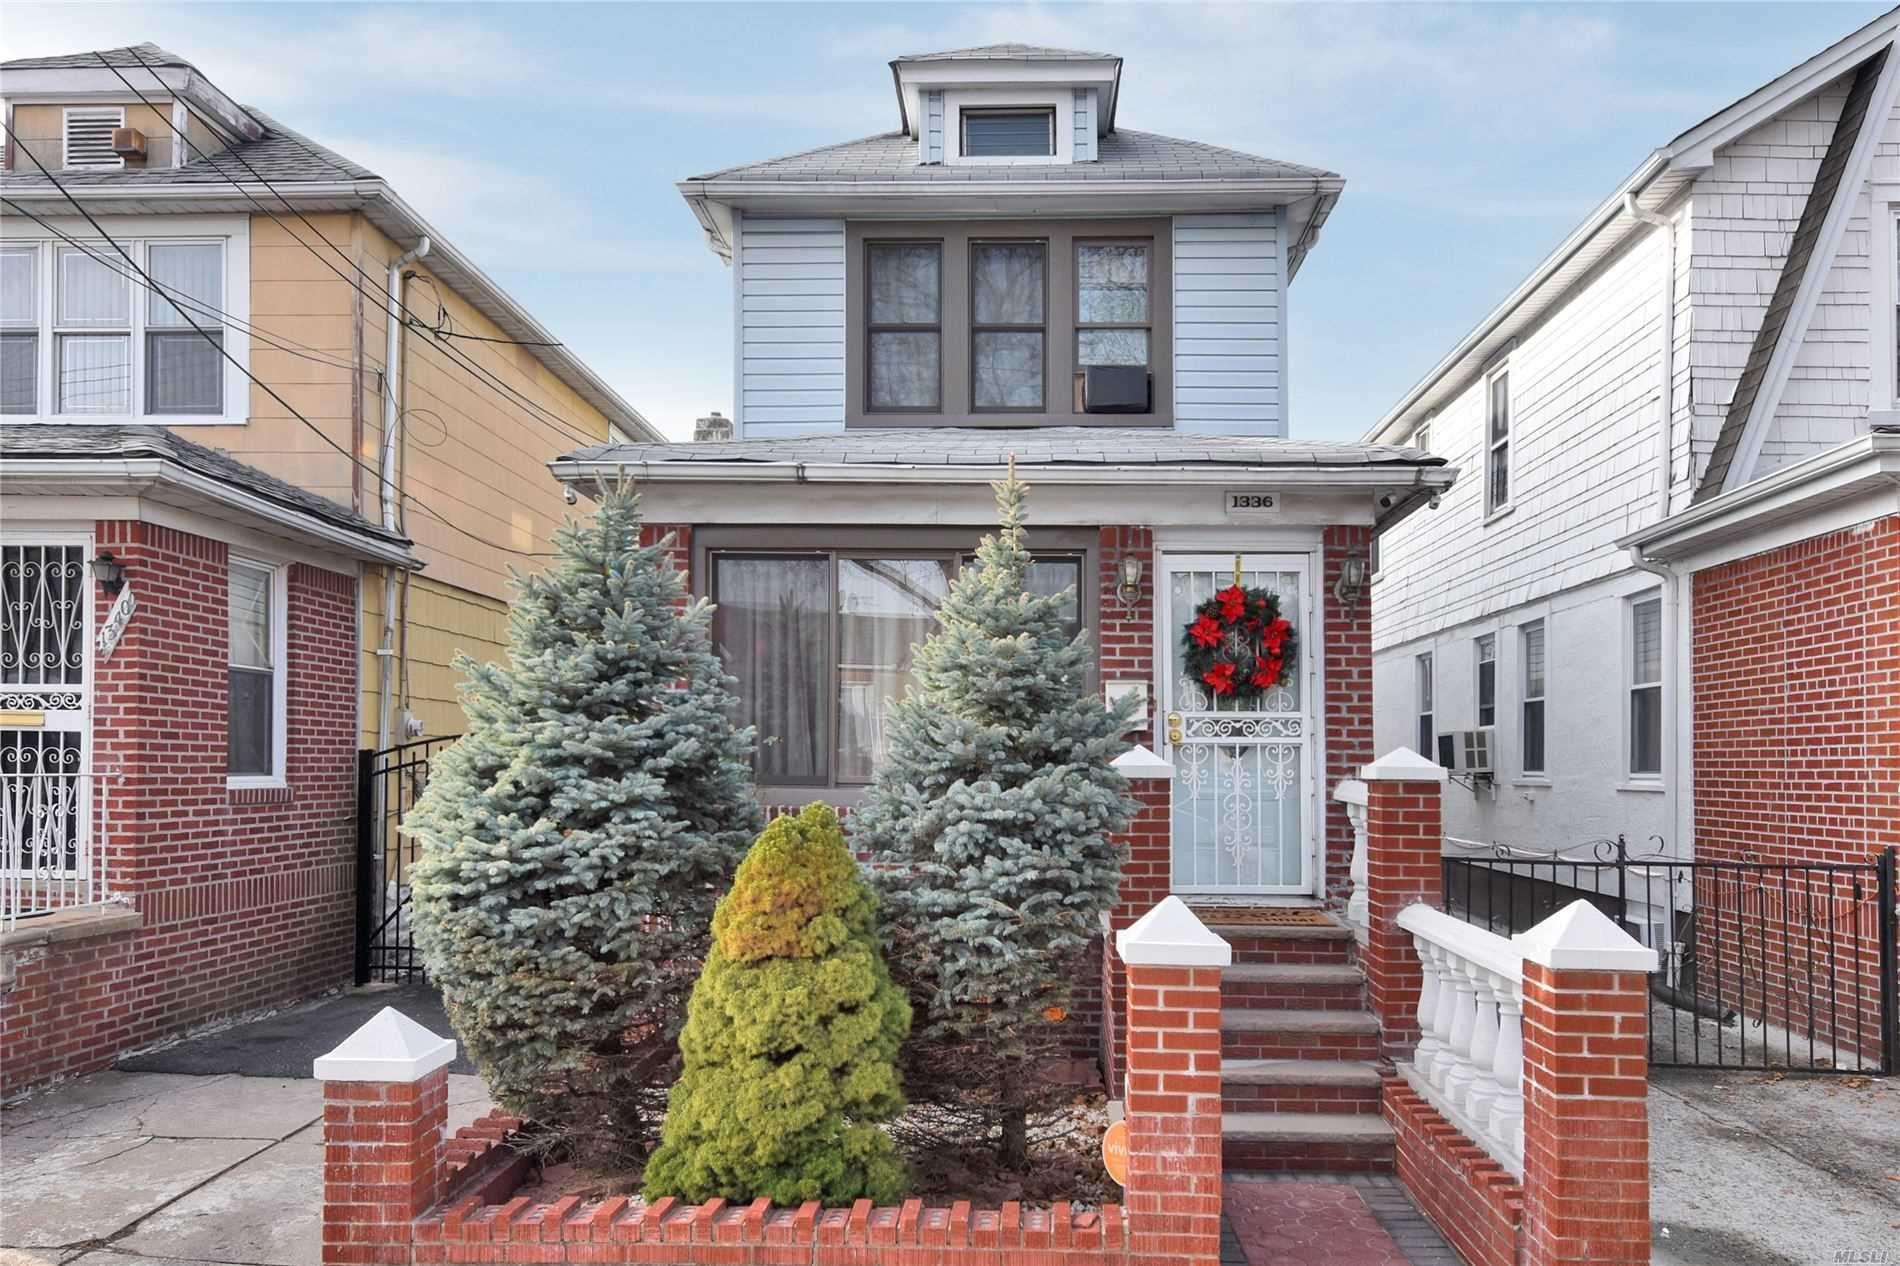 1336 E 48 Street, Flatlands, NY 11234 - MLS#: 3190783